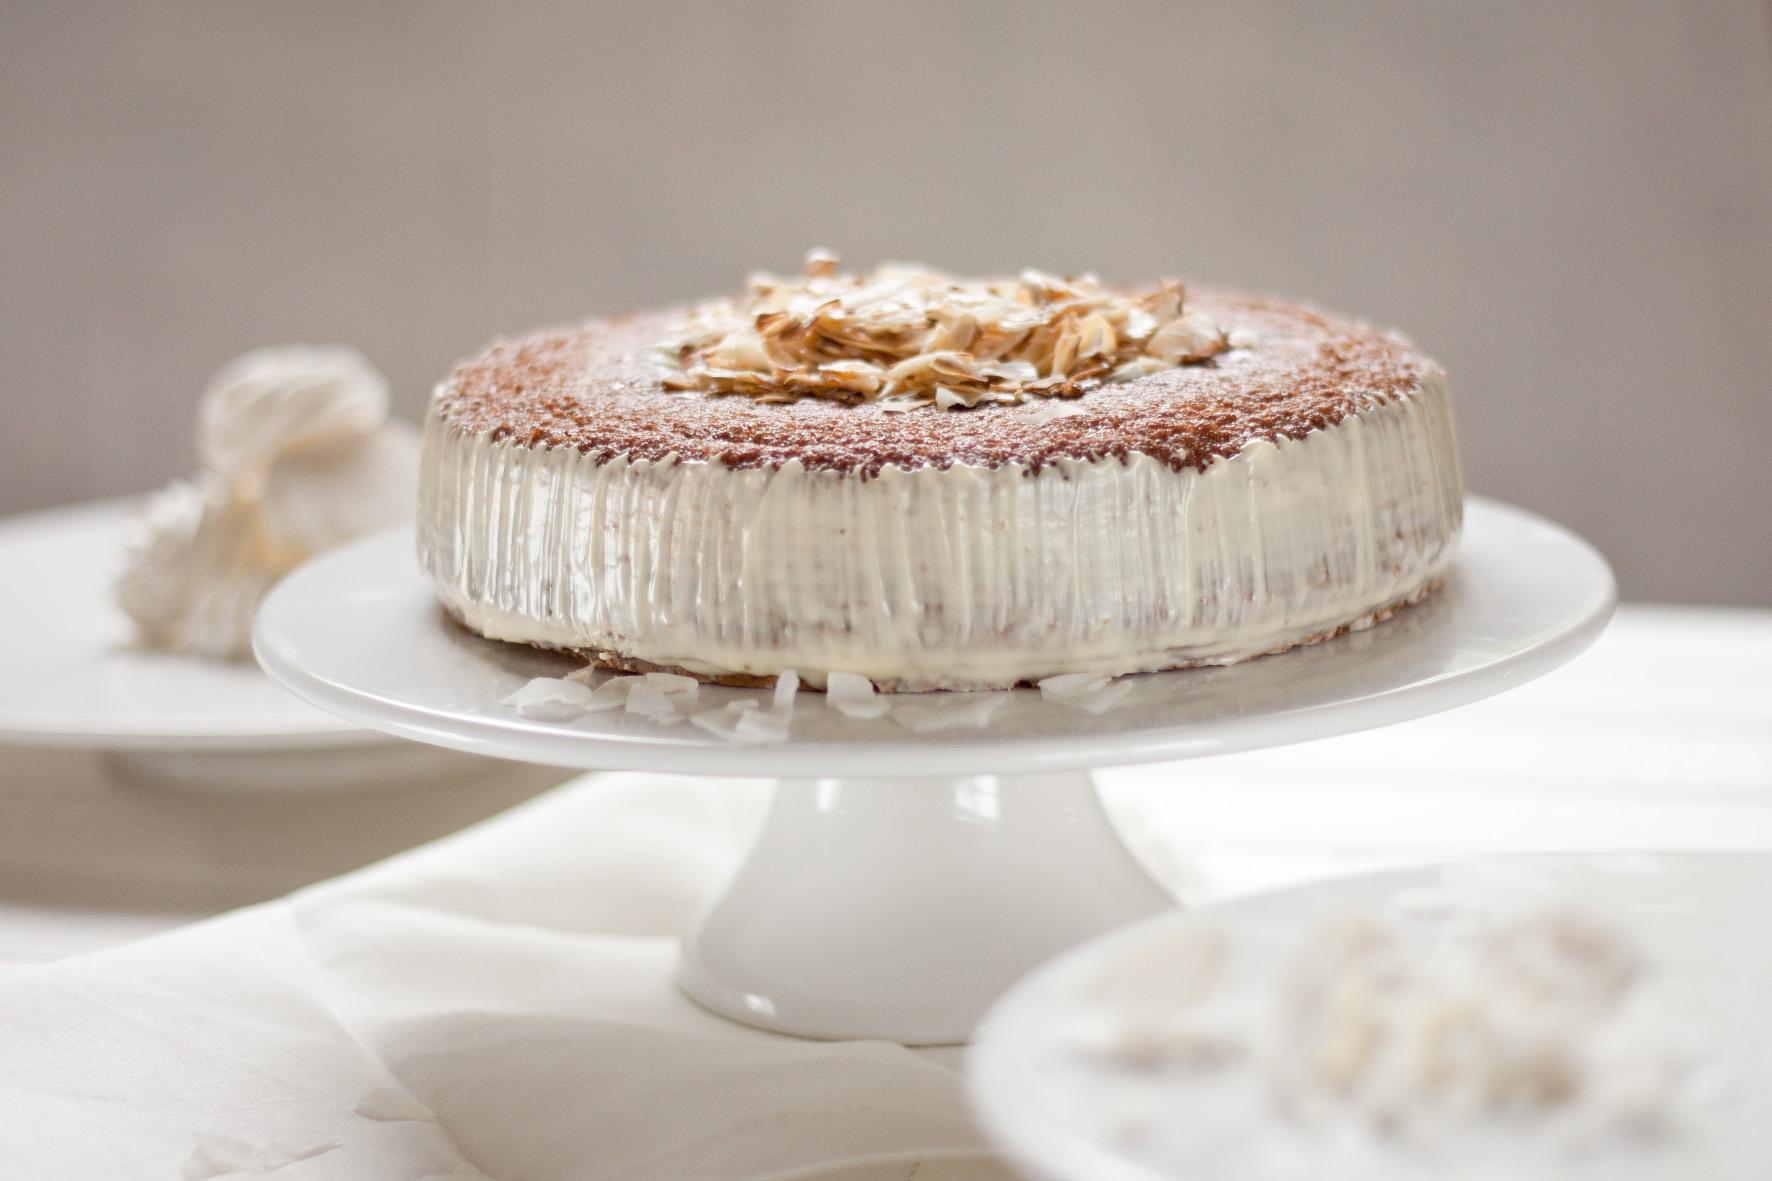 kokos-schoko-kuchen-1